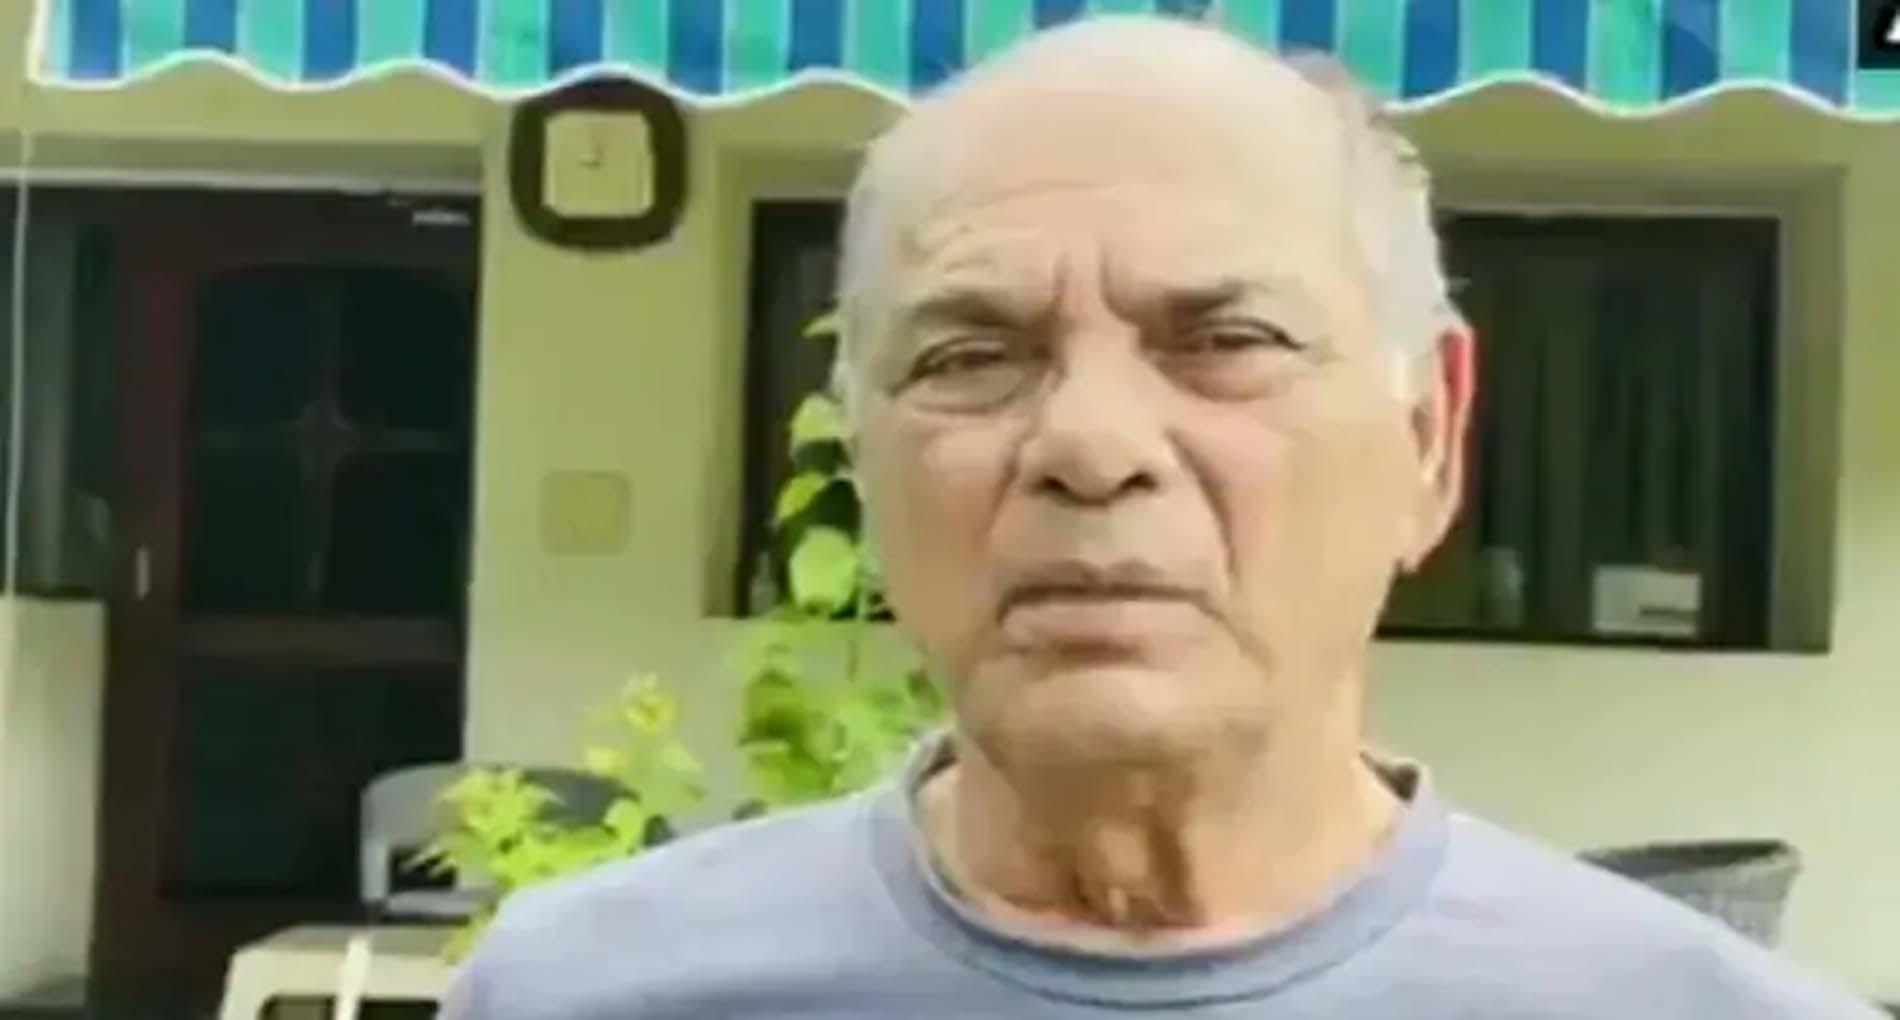 सुशांत के पिता का रिया चक्रवर्ती पर आरोप, कहा- मेरे बेटे को जहर देती थी रिया! उसकी गिरफ्तारी हो